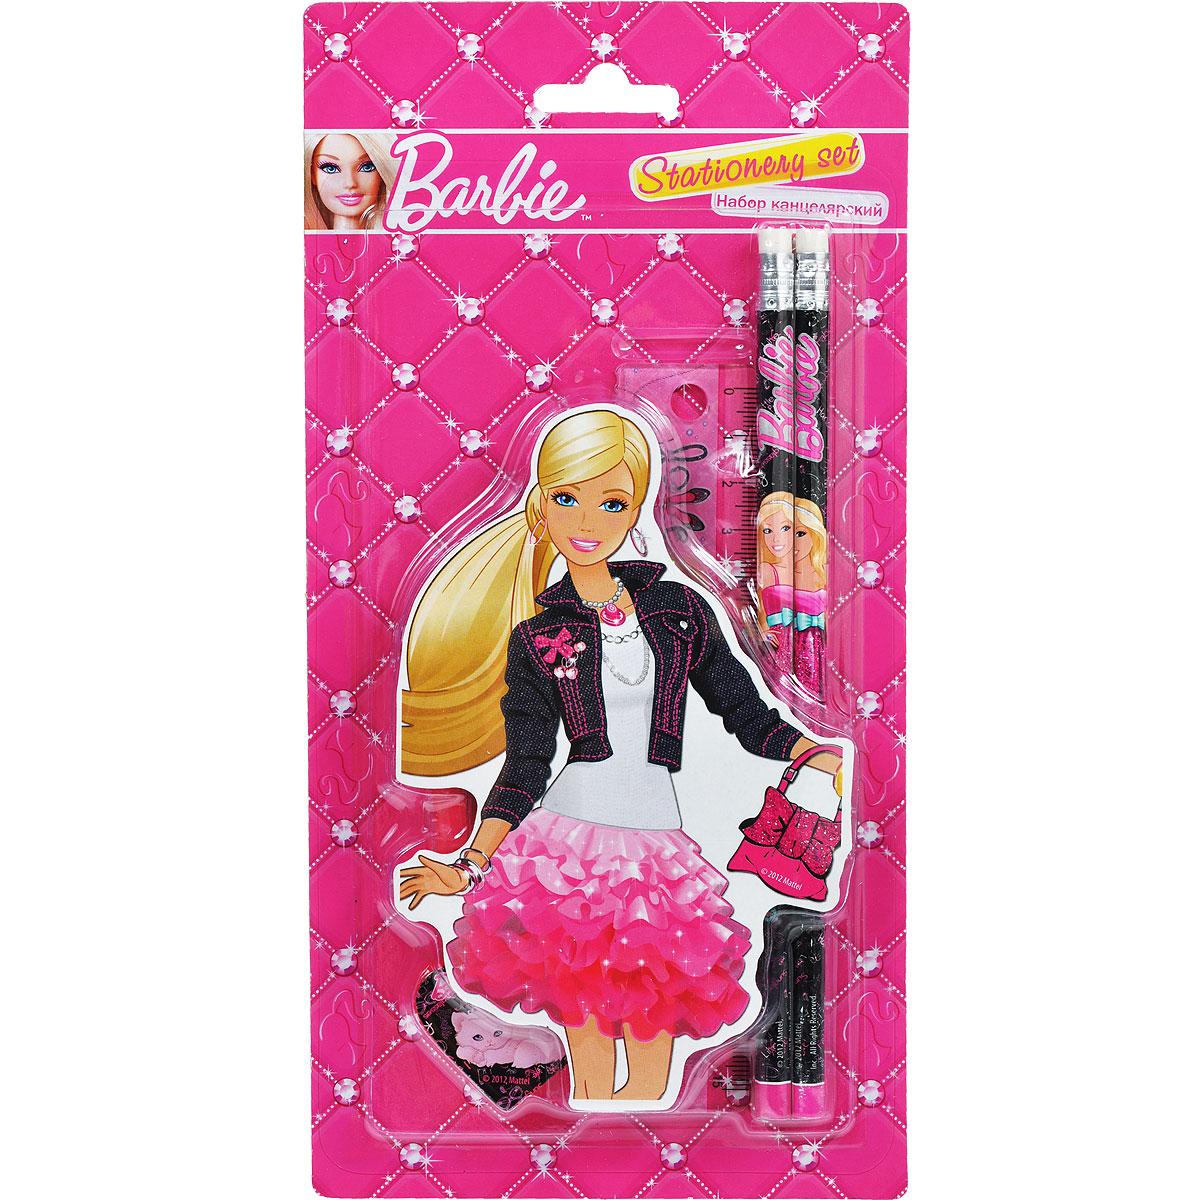 Канцелярский набор Barbie, 5 предметовBRAB-US1-75621-BLКанцелярский набор Barbie станет незаменимым атрибутом в учебе любой школьницы.Он включает в себя ластик в форме губной помады, 2 чернографитных карандаша с ластиком, точилку в форме сердца и линейку 15 см.